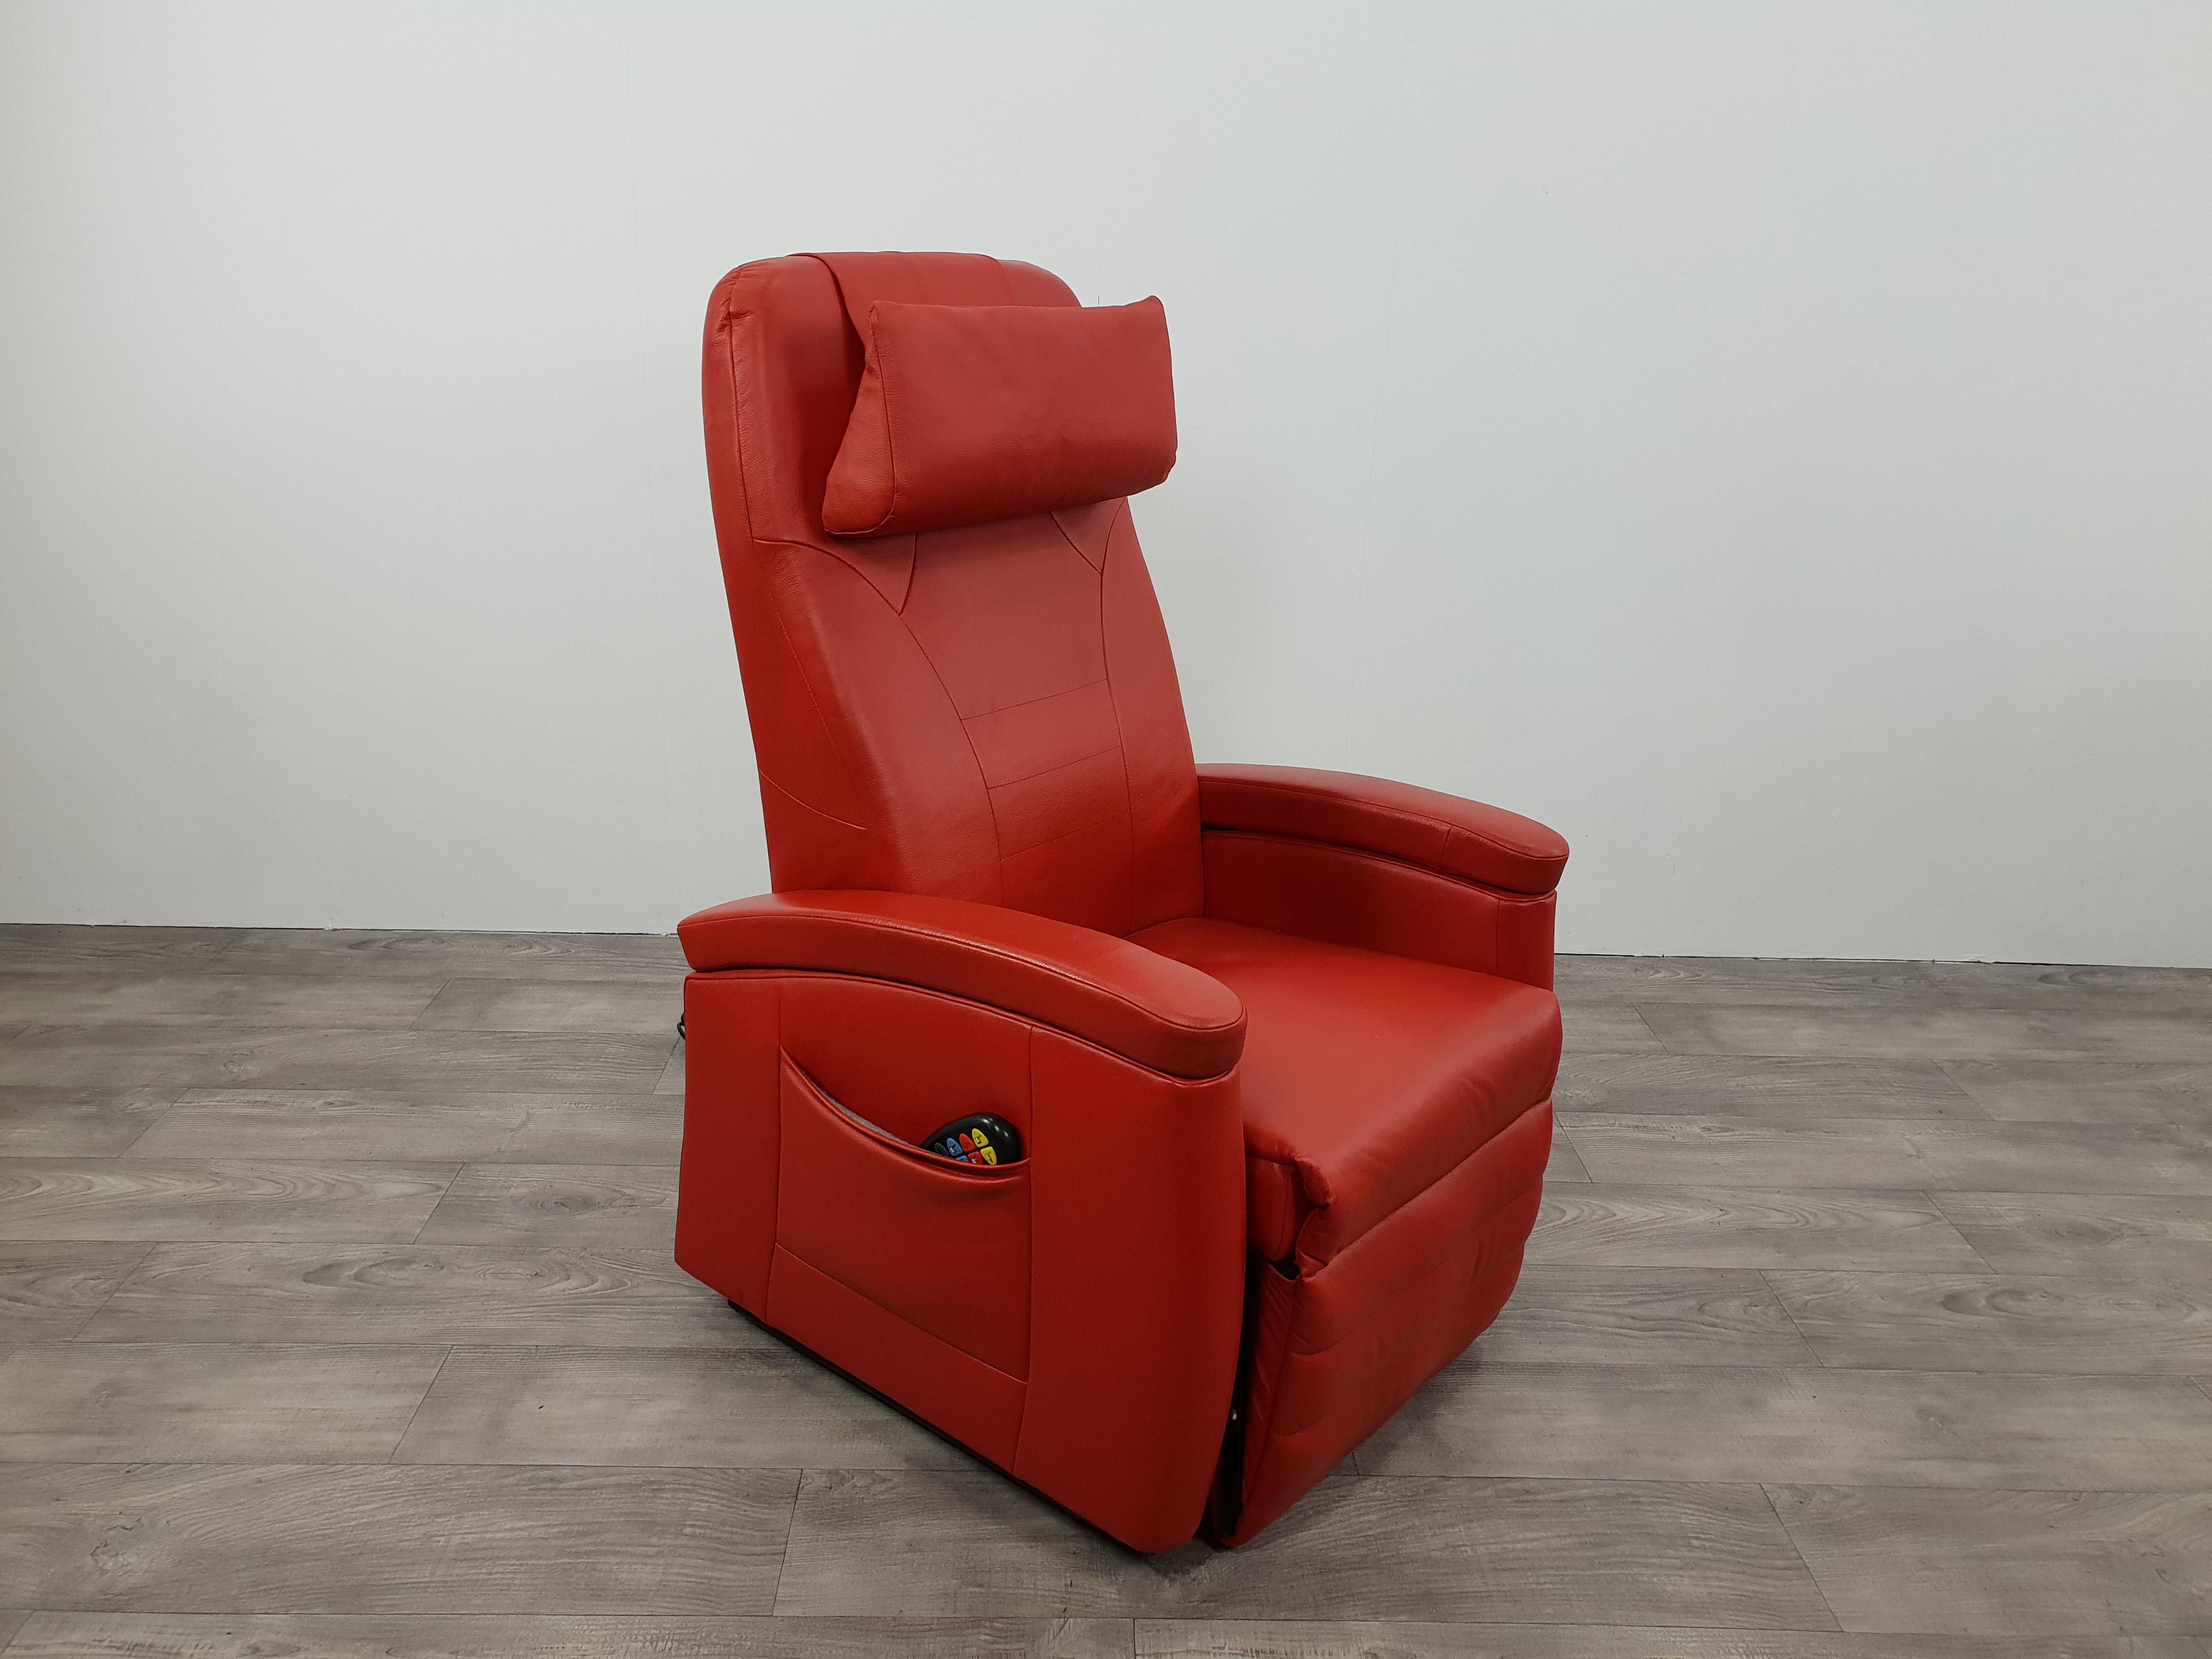 Sta Zit Stoel : Sta op stoel rood leer met draaischijf zeker zit